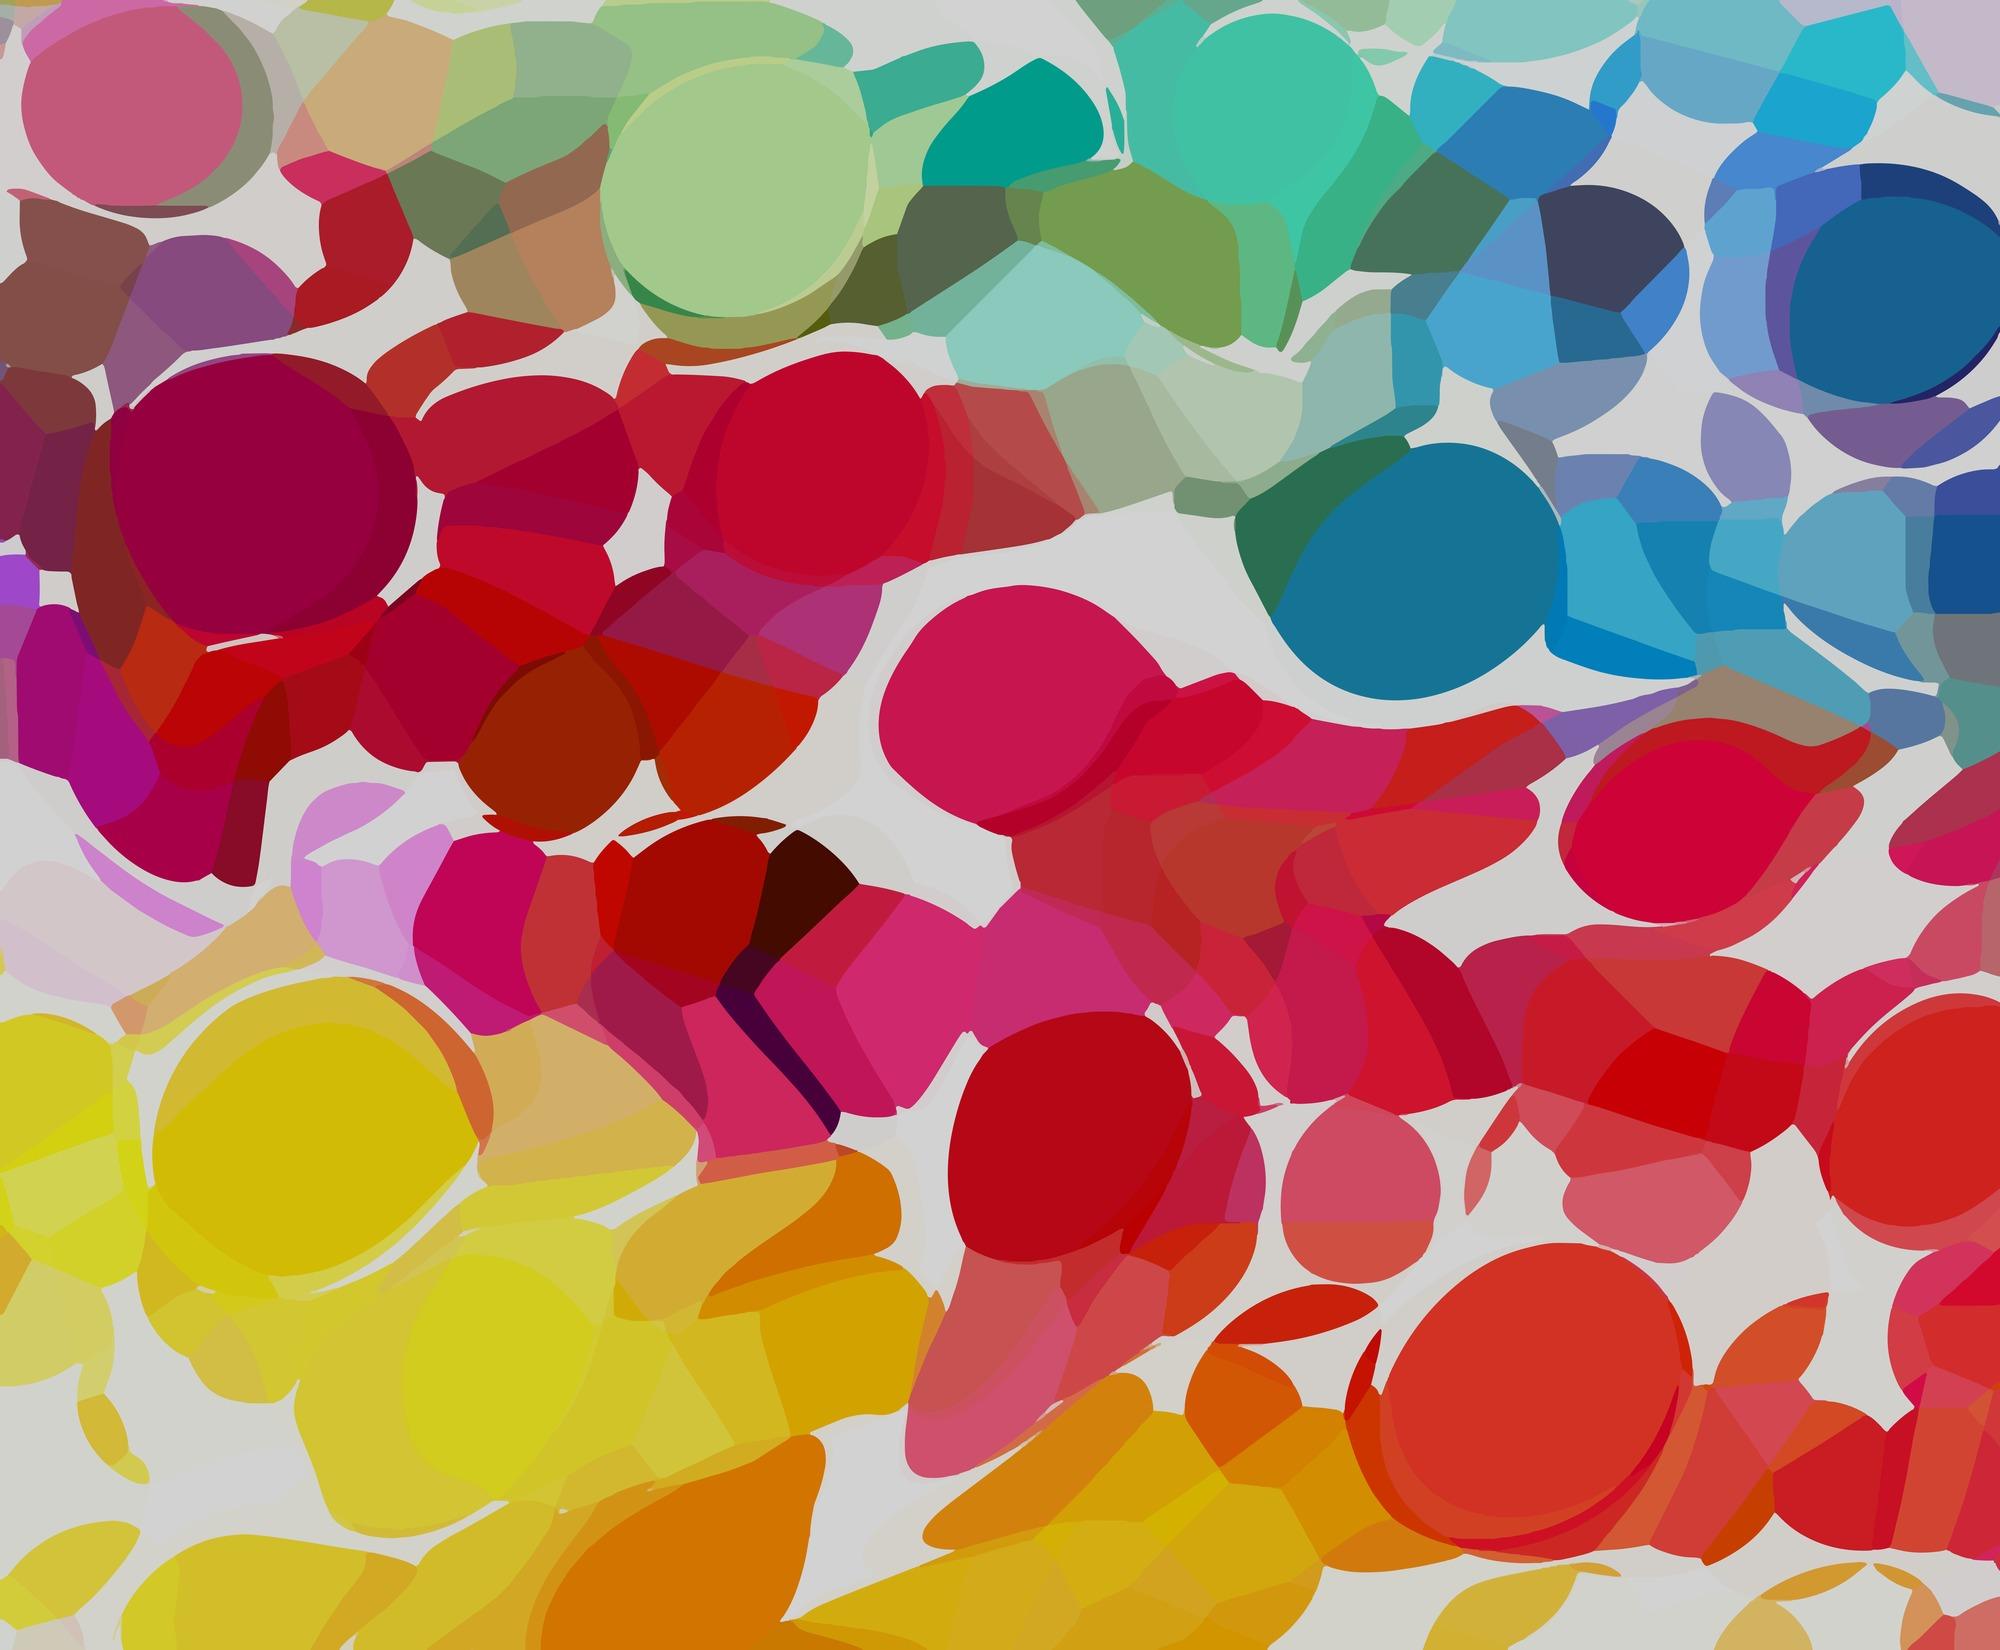 Inspiration wall mural inspiration wallpaper wallsauce for Mural inspiration